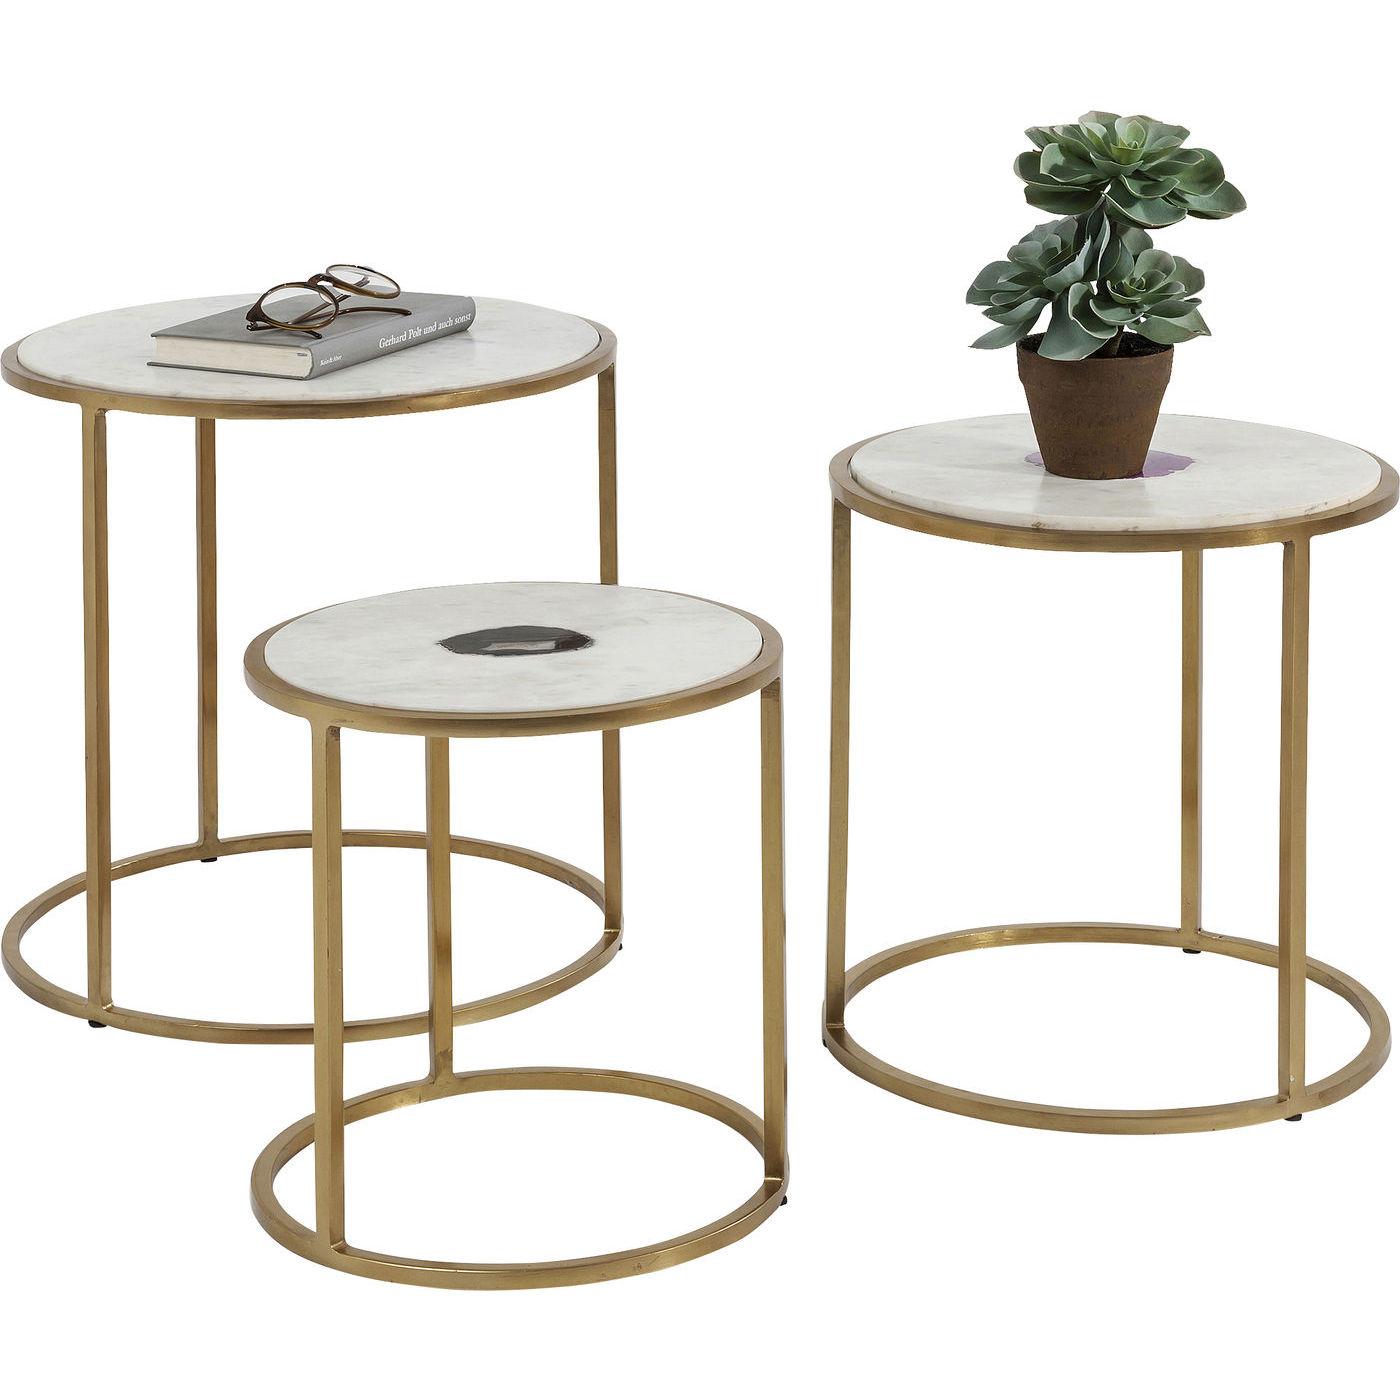 Kare design limbo indskudsborde - hvid marmor m. agat/guld stål, runde (3/sæt) fra kare design fra boboonline.dk